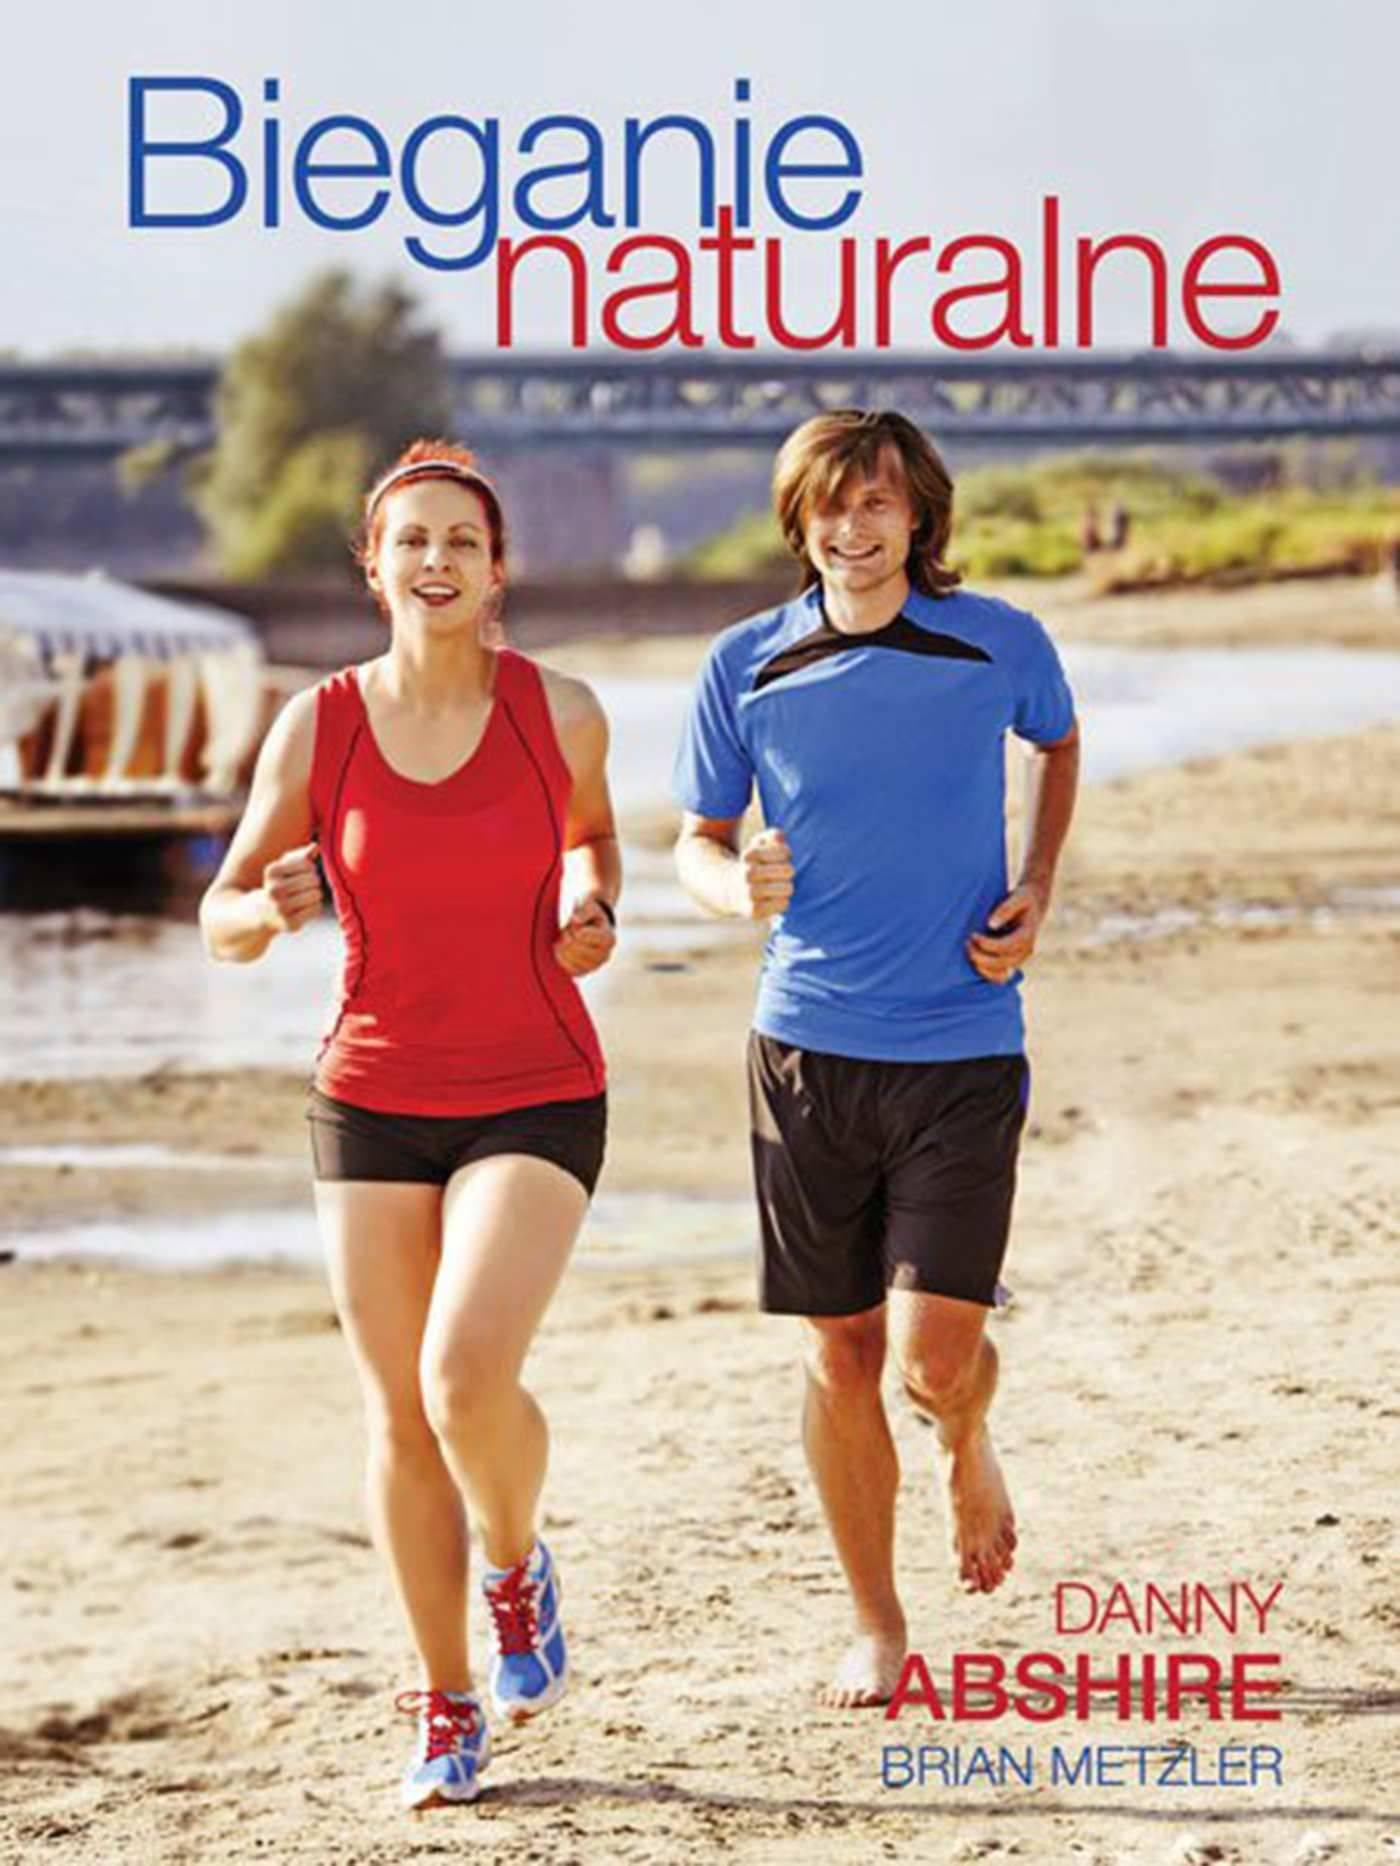 Bieganie naturalne - Ebook (Książka EPUB) do pobrania w formacie EPUB